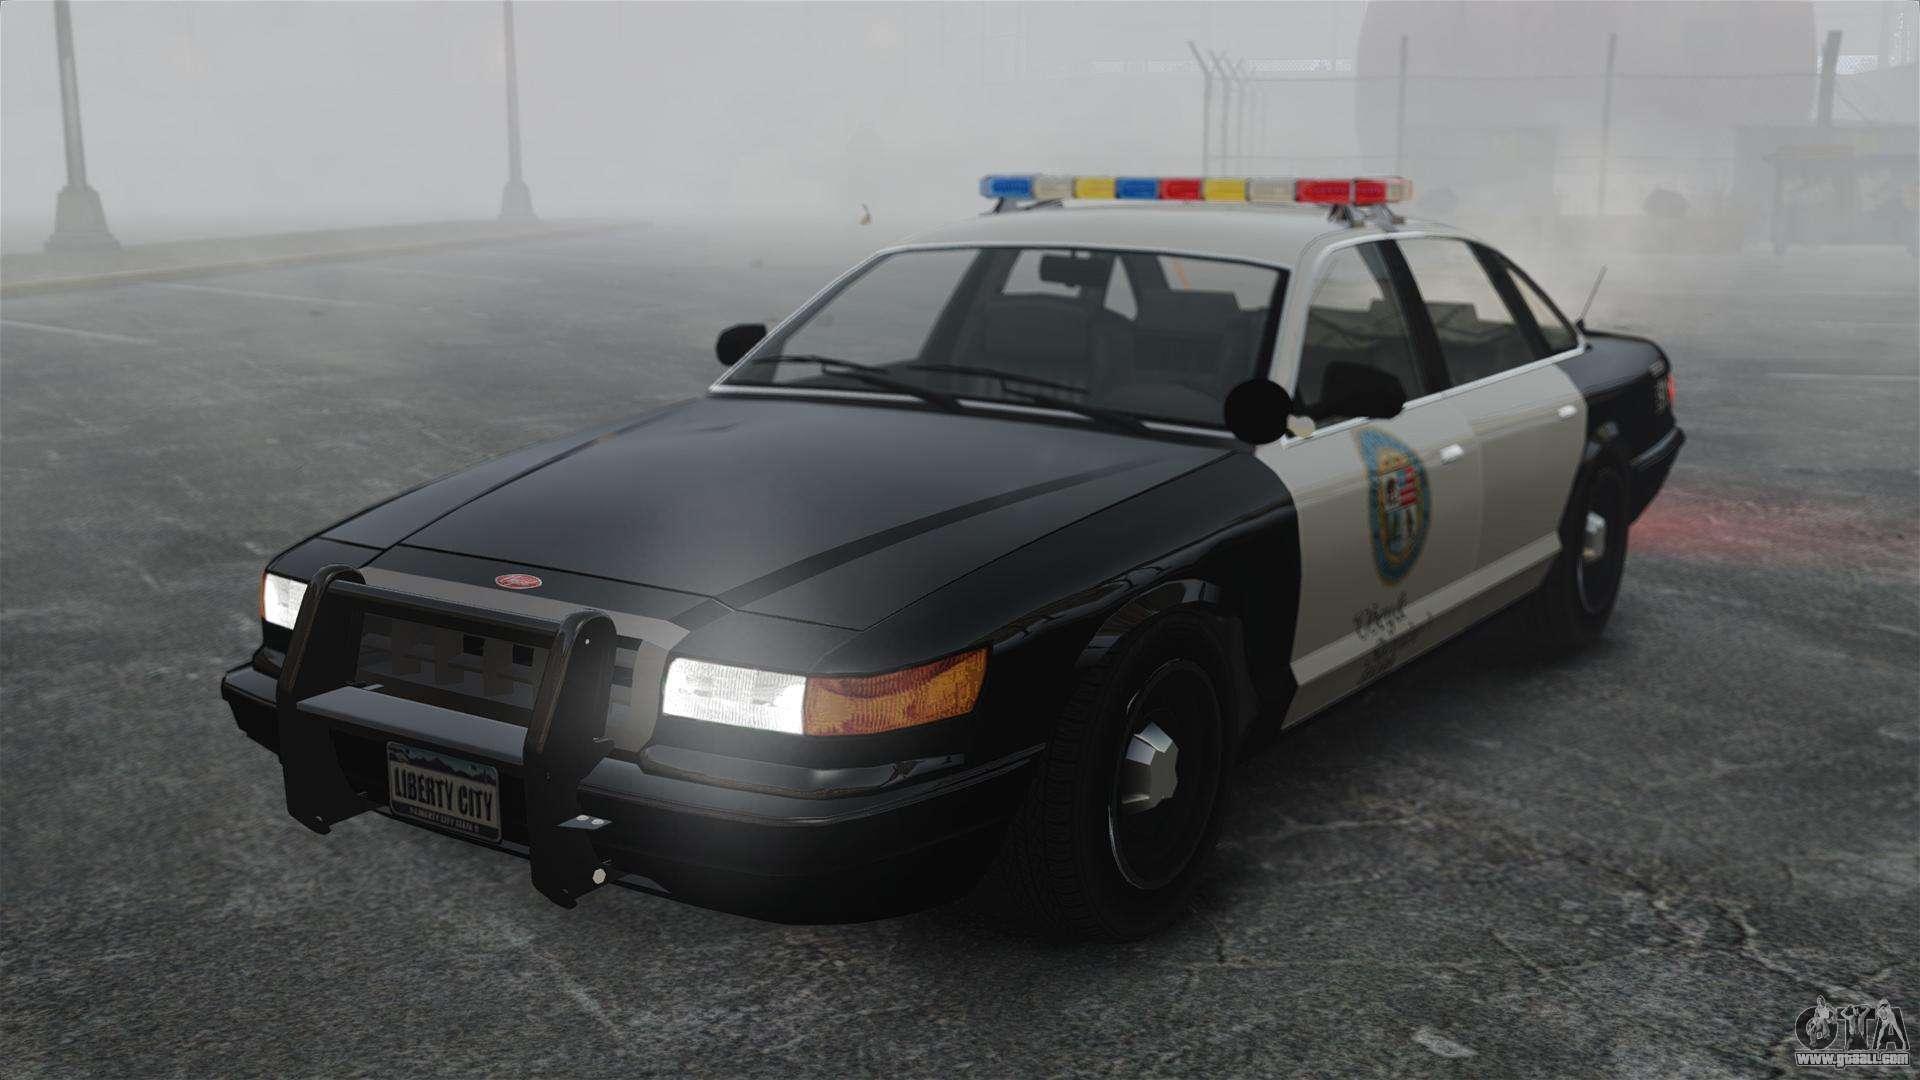 police car gta 5 2017 - ototrends net